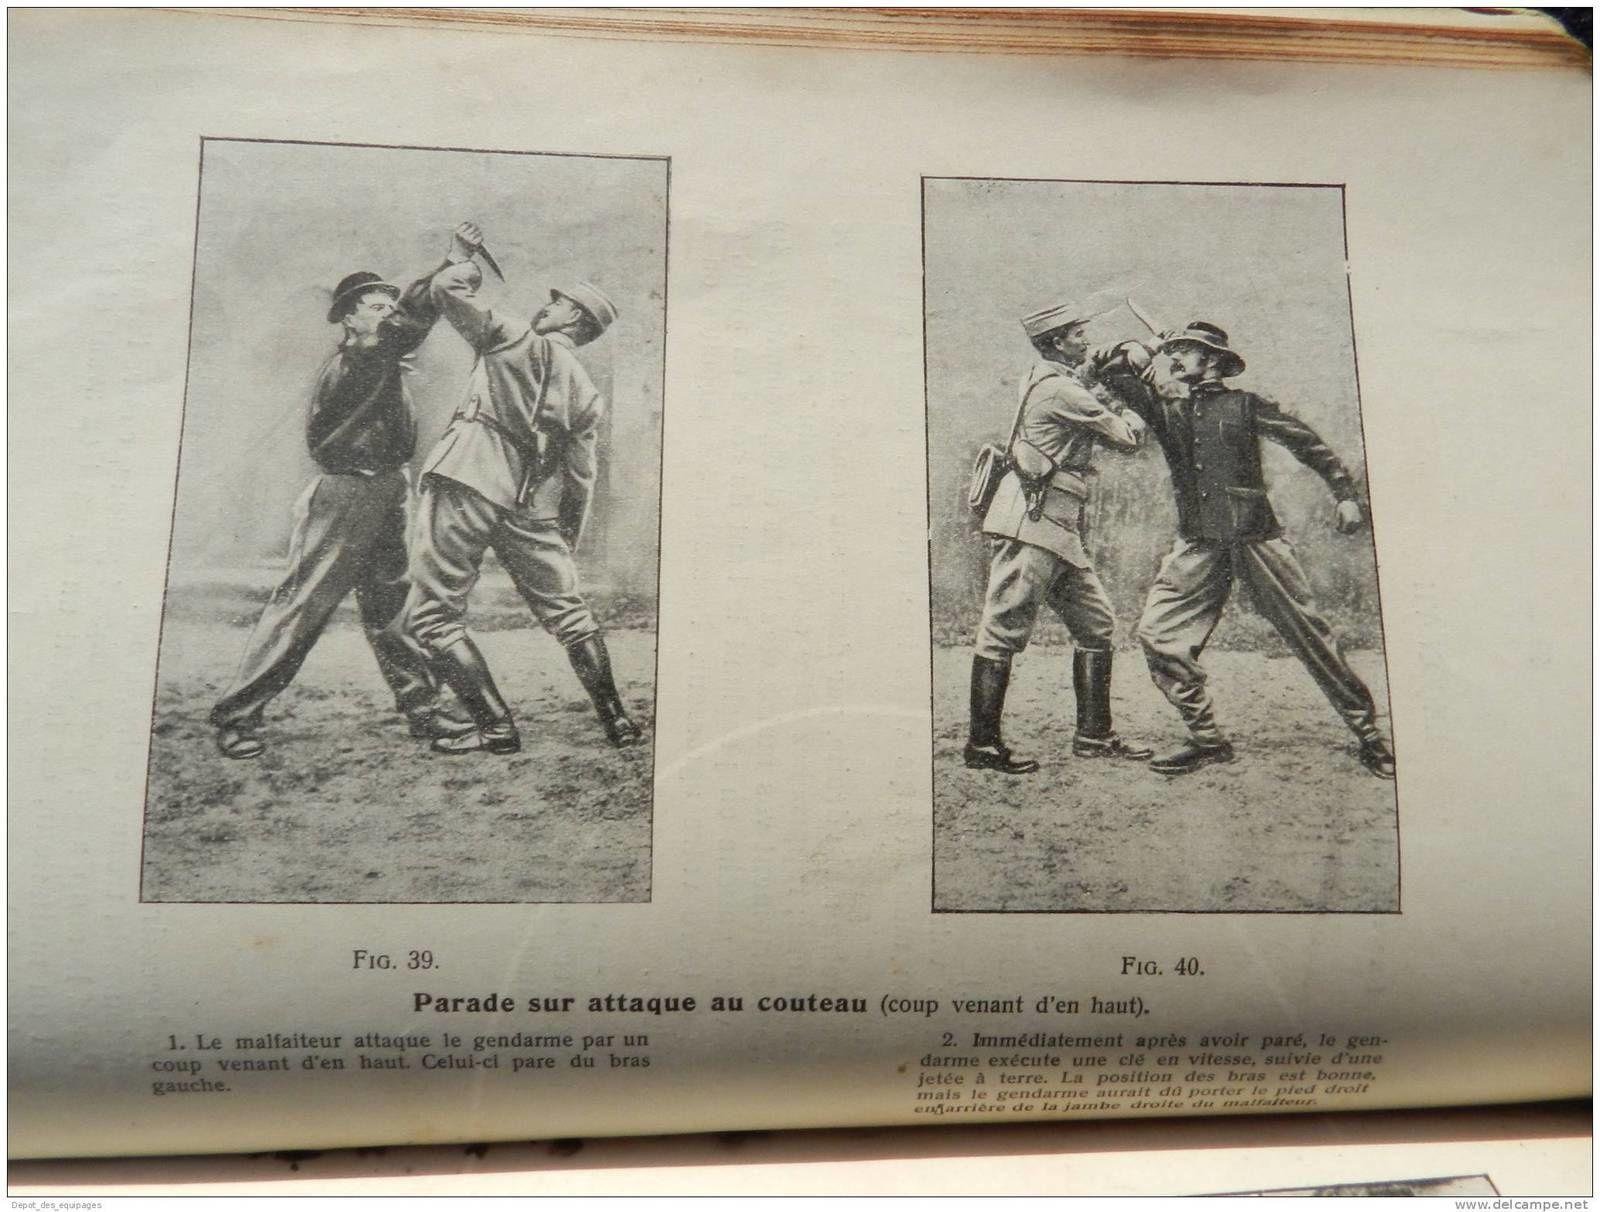 Trés rare manuel gendarmerie de 1919 , MANUEL DES EXERCICES PHYSIQUES SPECIAUX A L'USAGE DE LA GENDARMERIE , techniques de combats corps à corps, défense ...